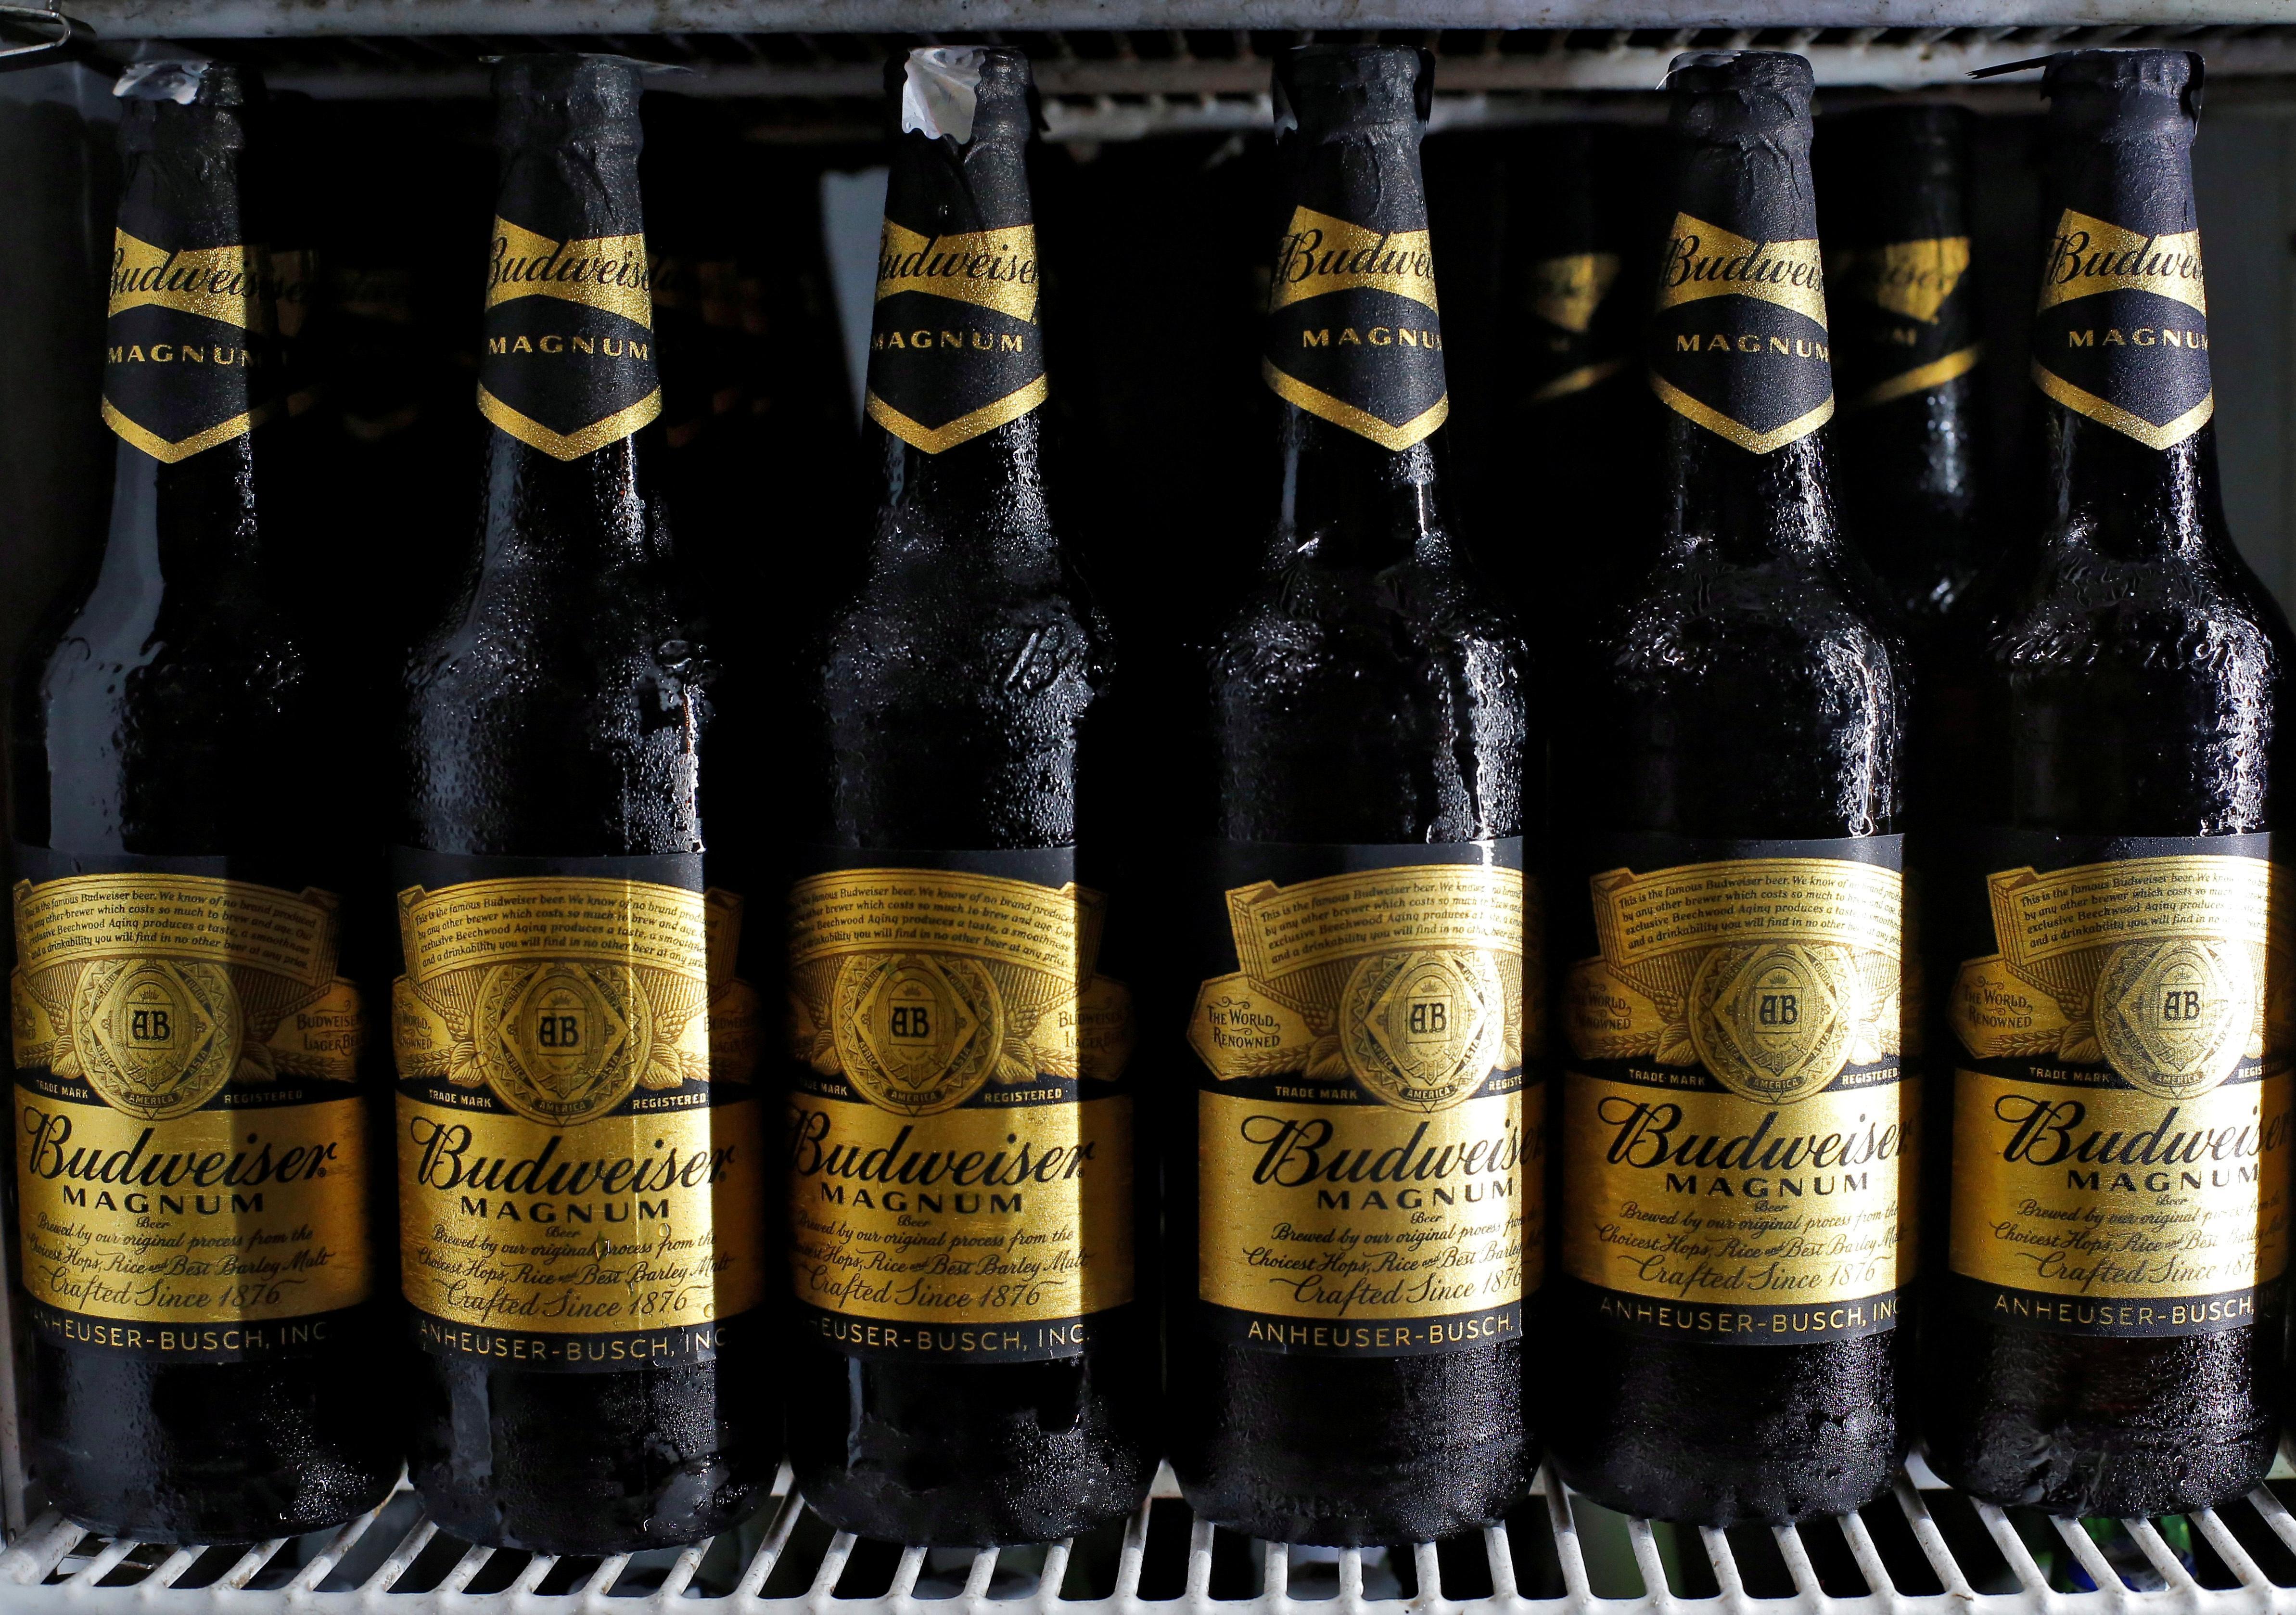 Exclusive: India probe finds AB InBev, Carlsberg, United Breweries...